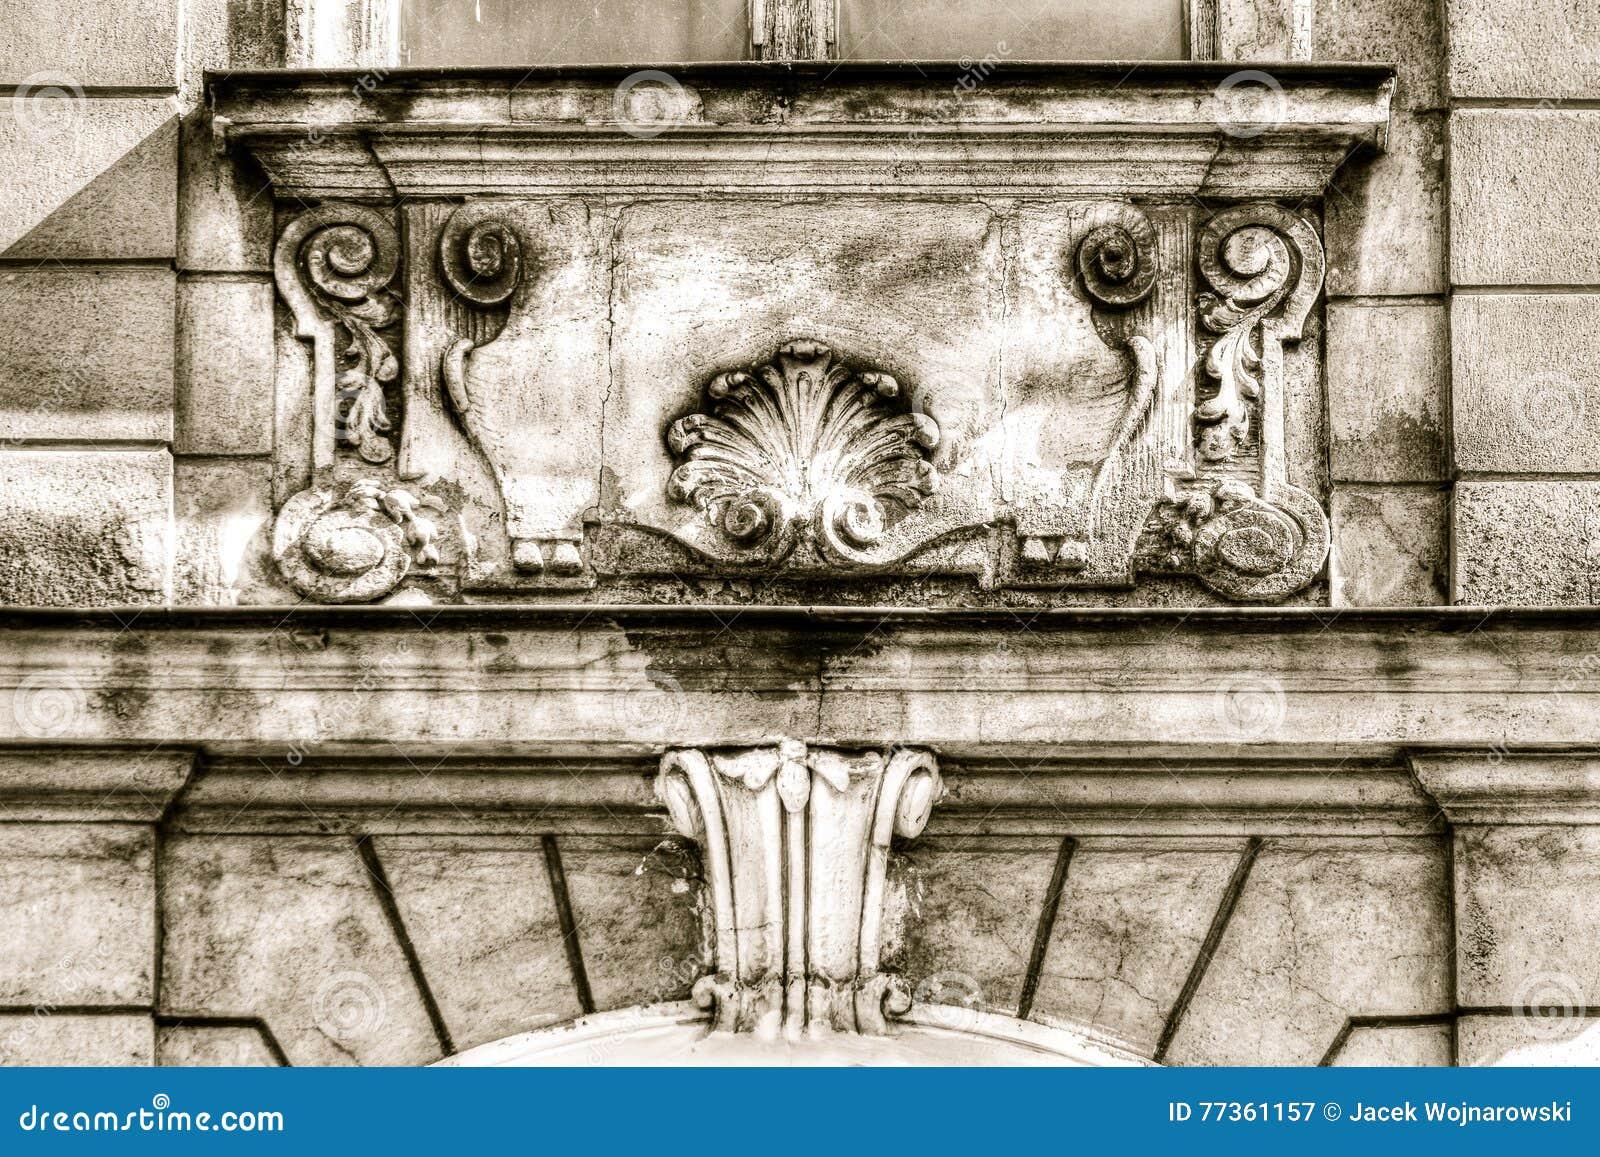 esculturas decorativas abaixo do quadro de janela com hdr trapezoide foto de stock